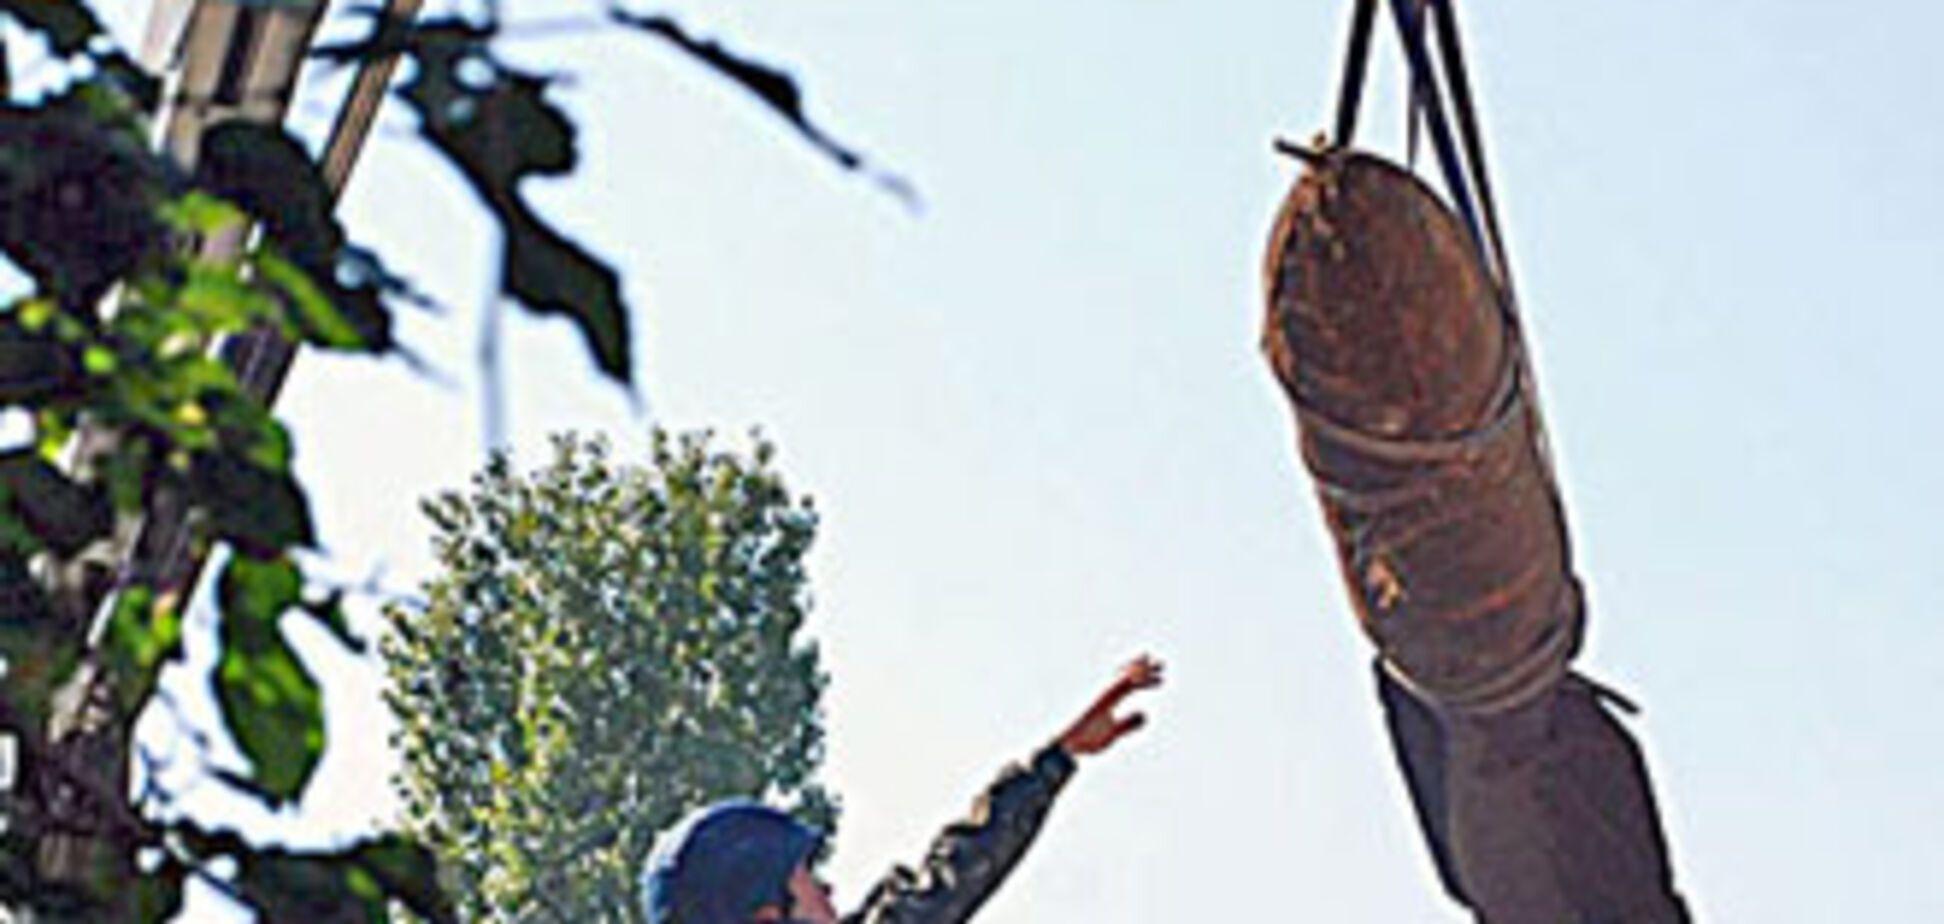 На Тернопільщині виявили фугасну авіабомбу